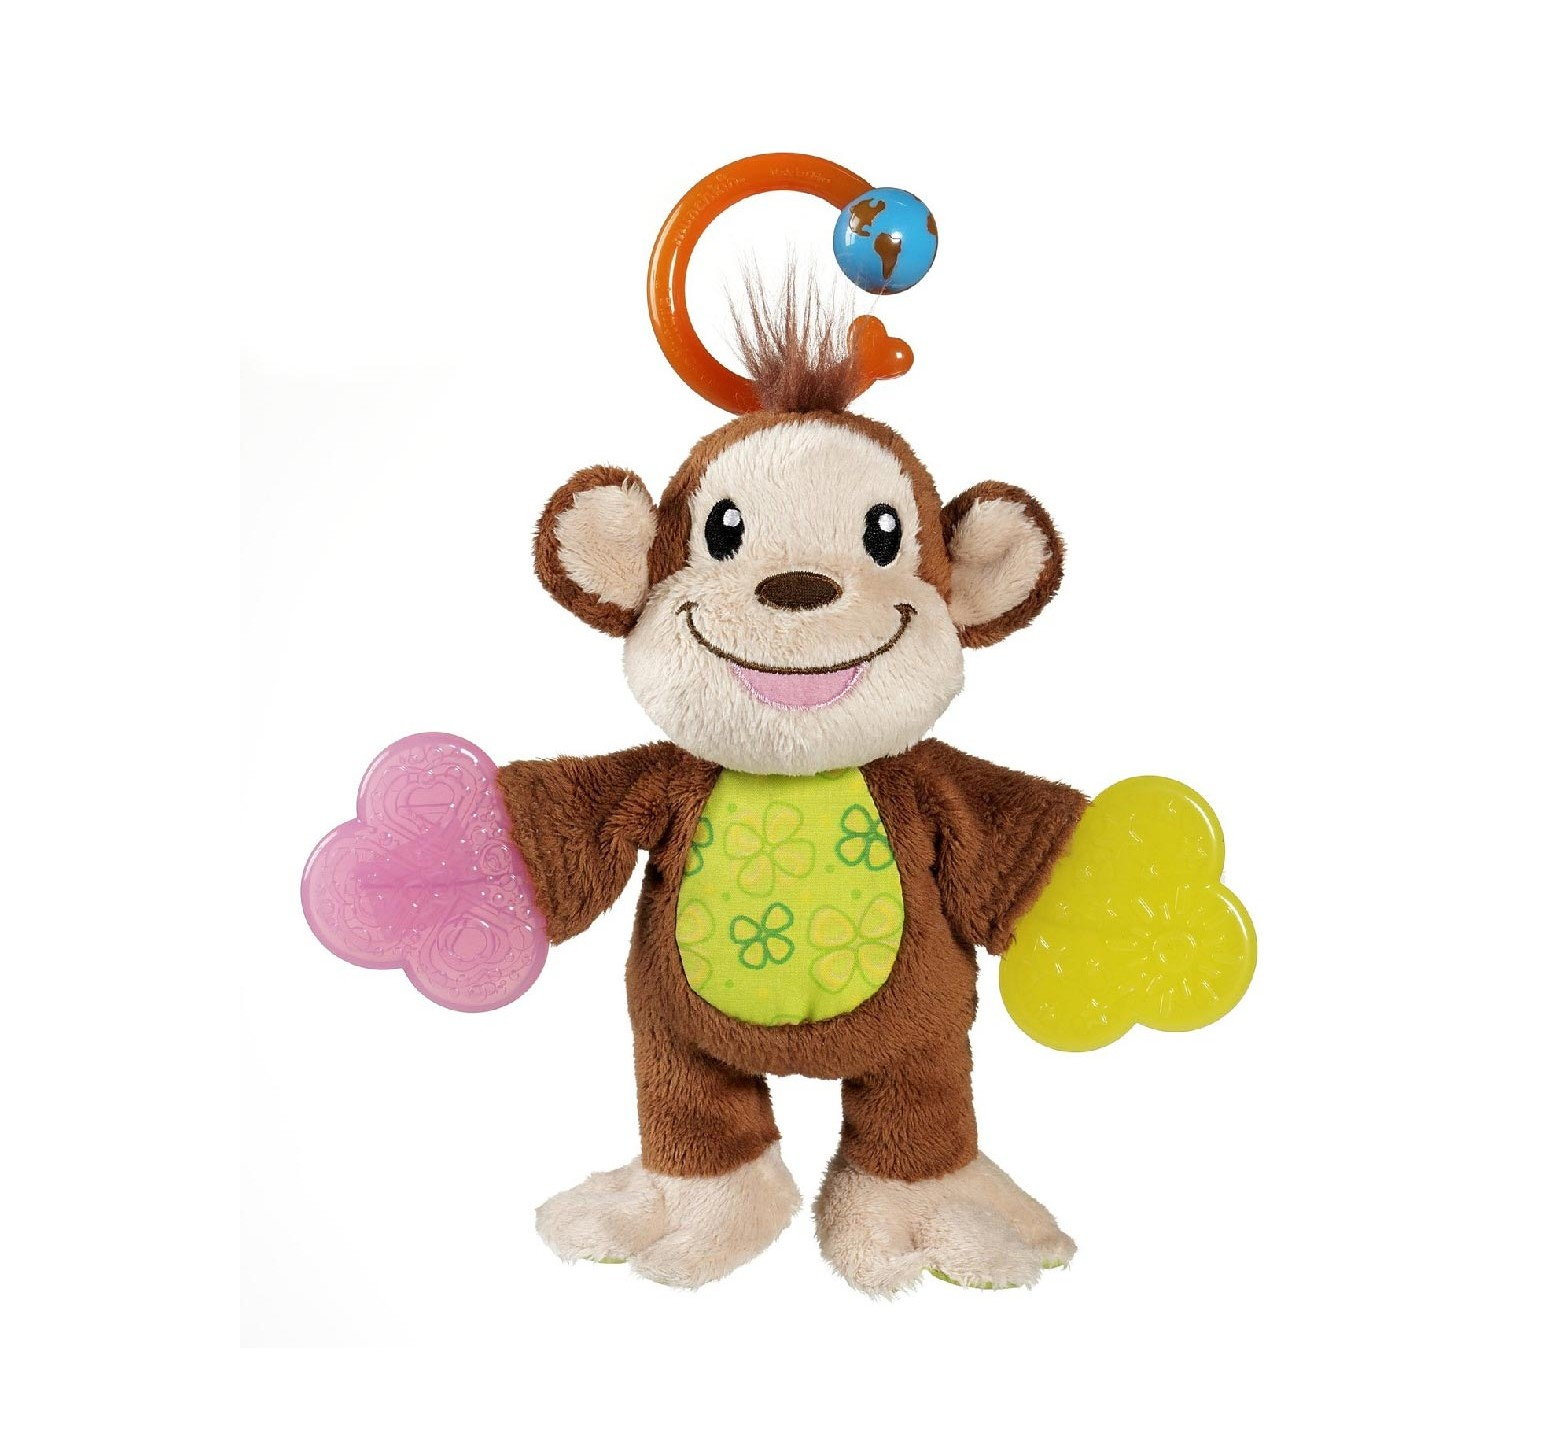 Munchkin Sonajero multi-texturado mono